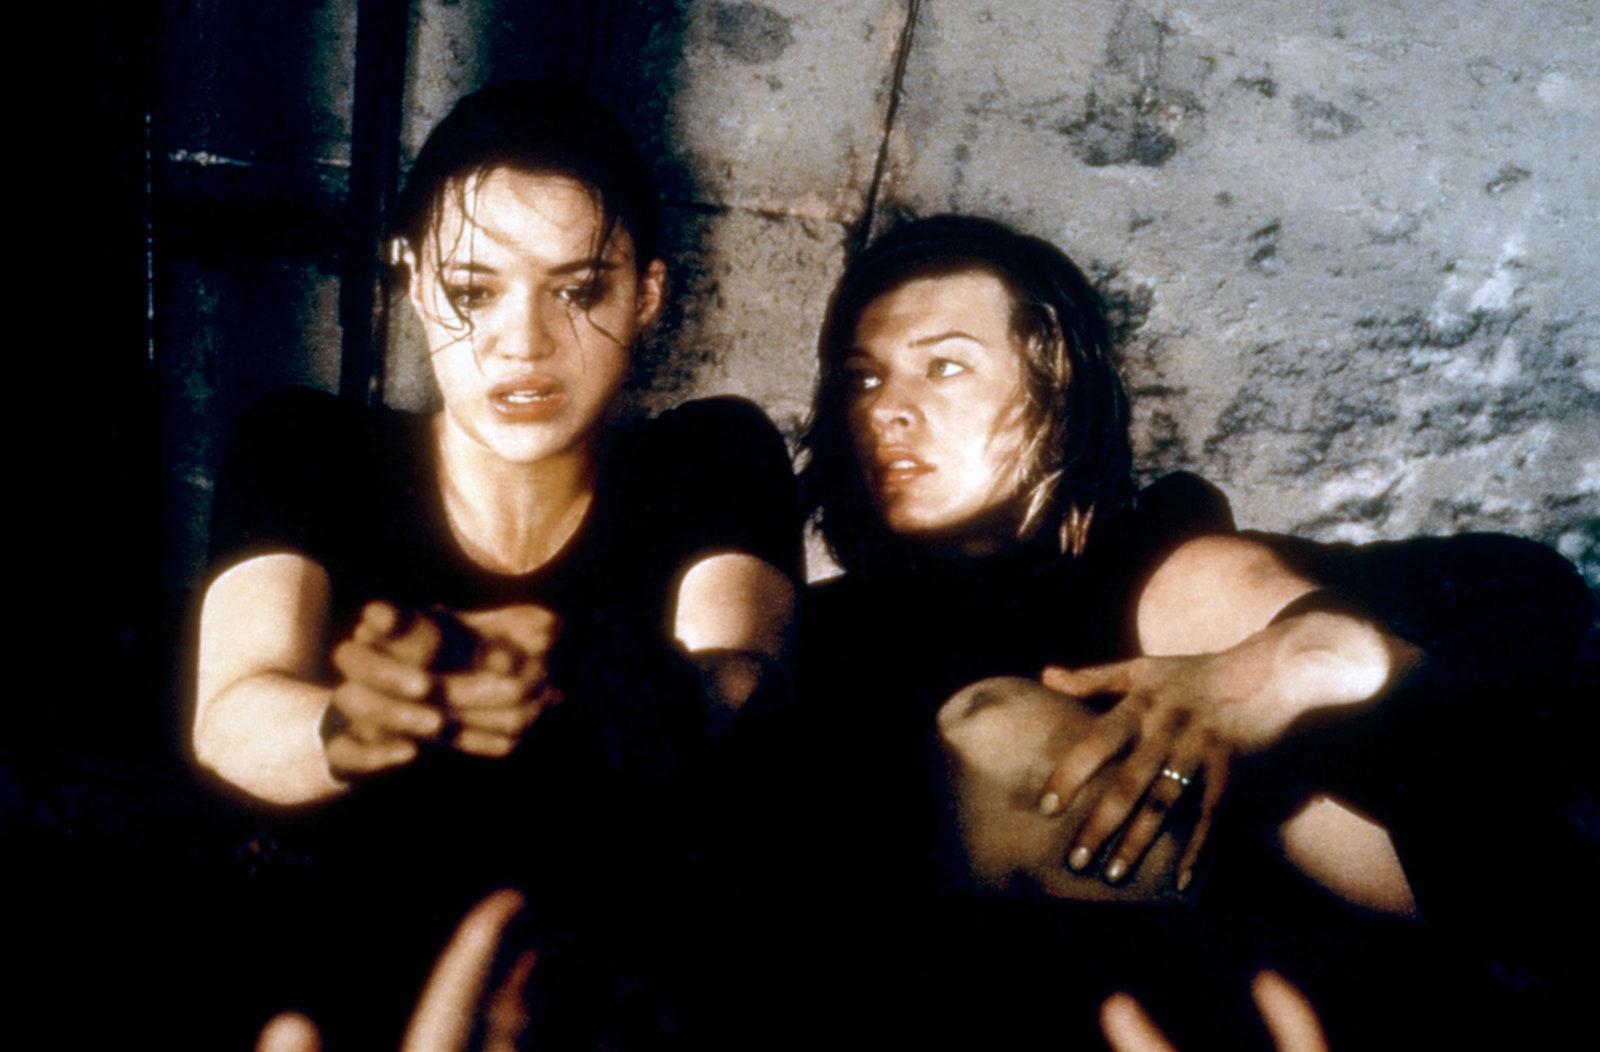 รีวิวเรื่อง Resident Evil (2002)